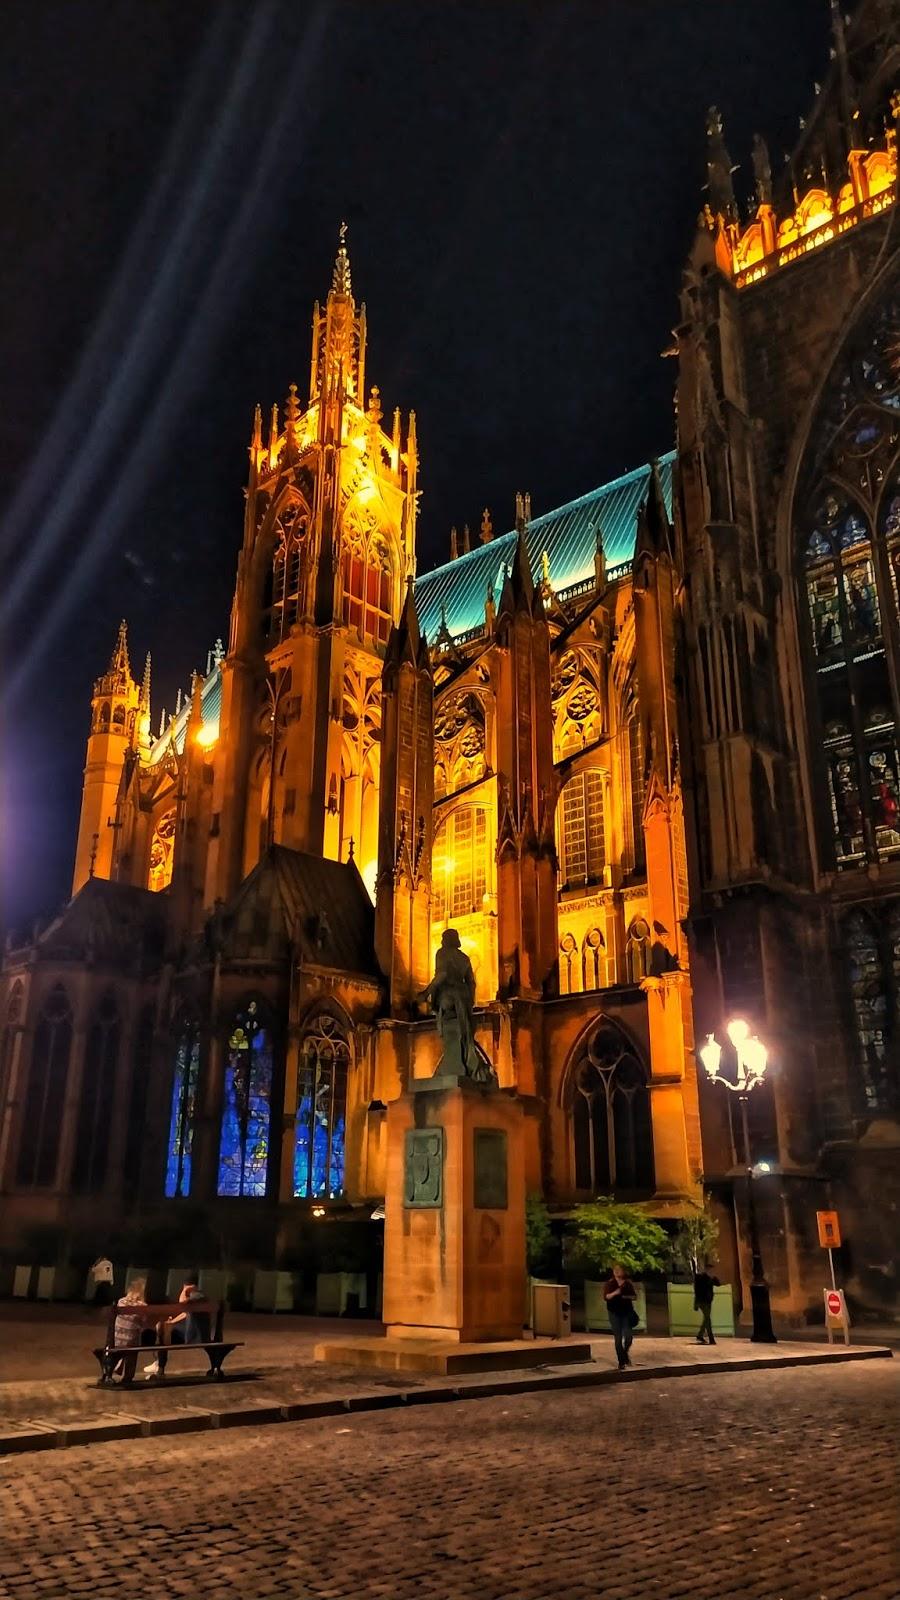 Le-Cathédrale-Saint-Etienne-Metz-Night-View